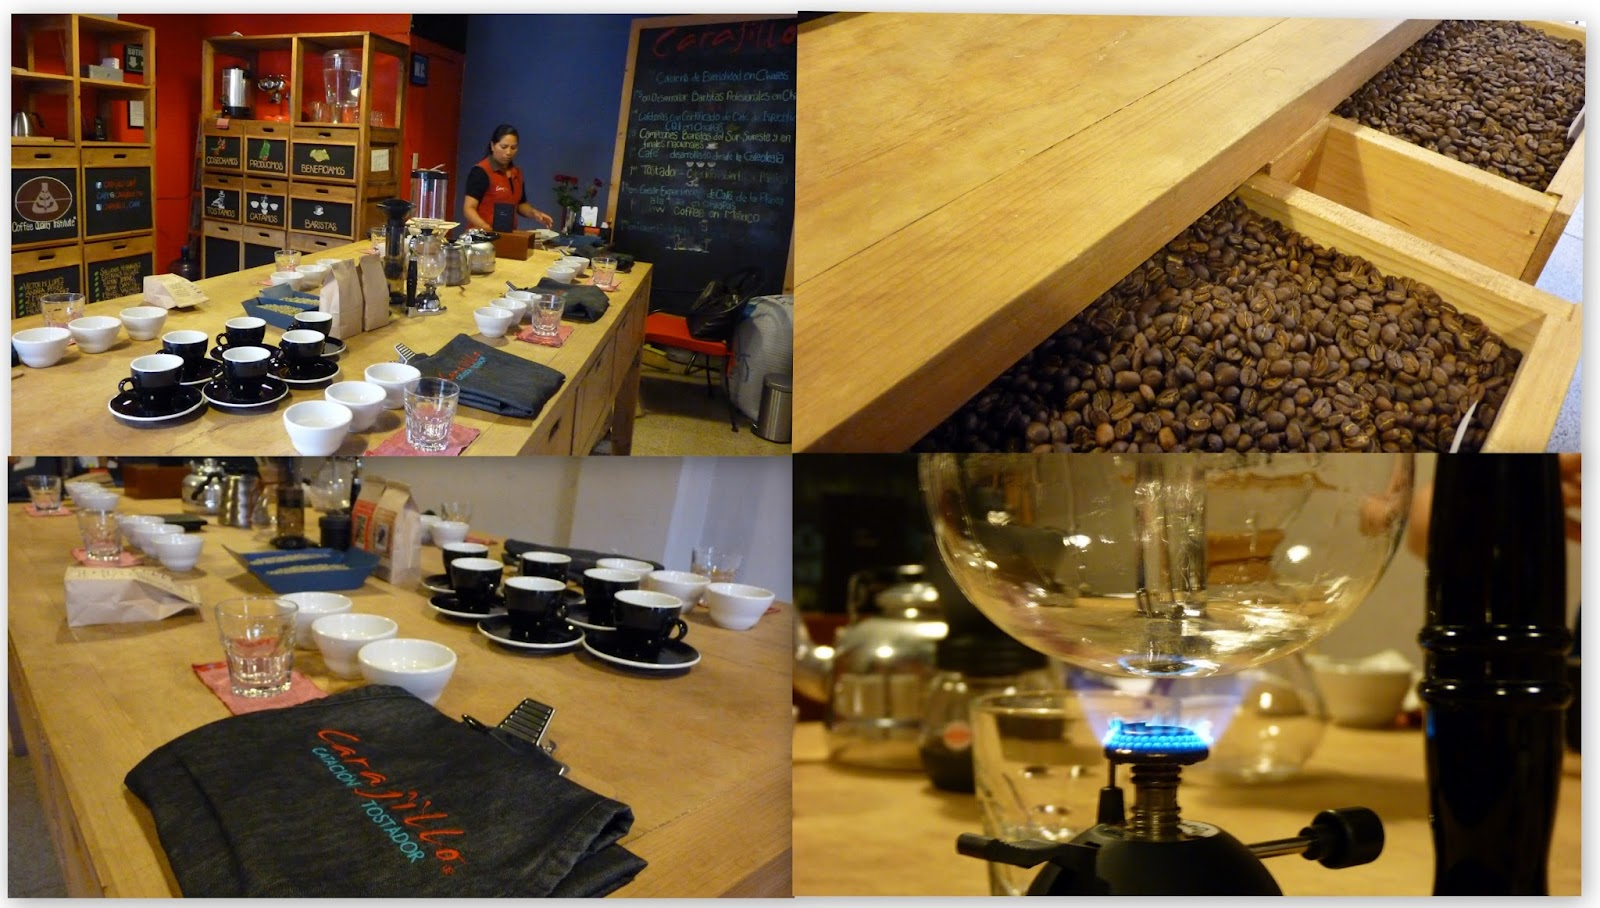 Cata de café en Carajillo Café